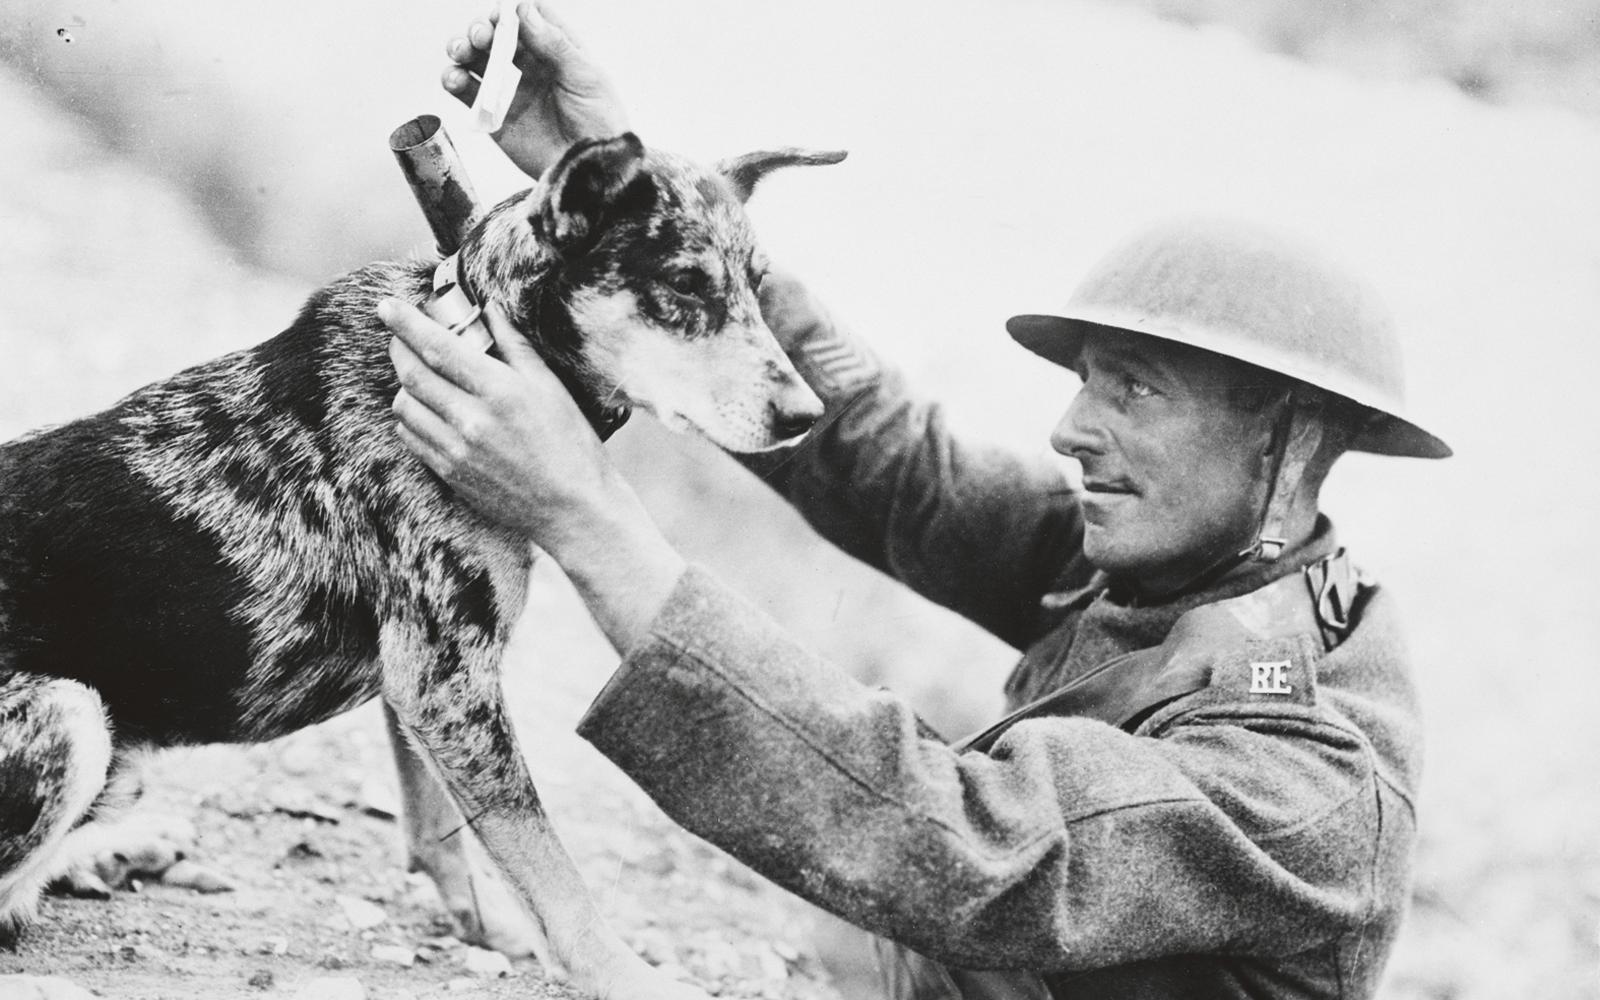 vilken roll spelade enskilda aktörer i första världskriget